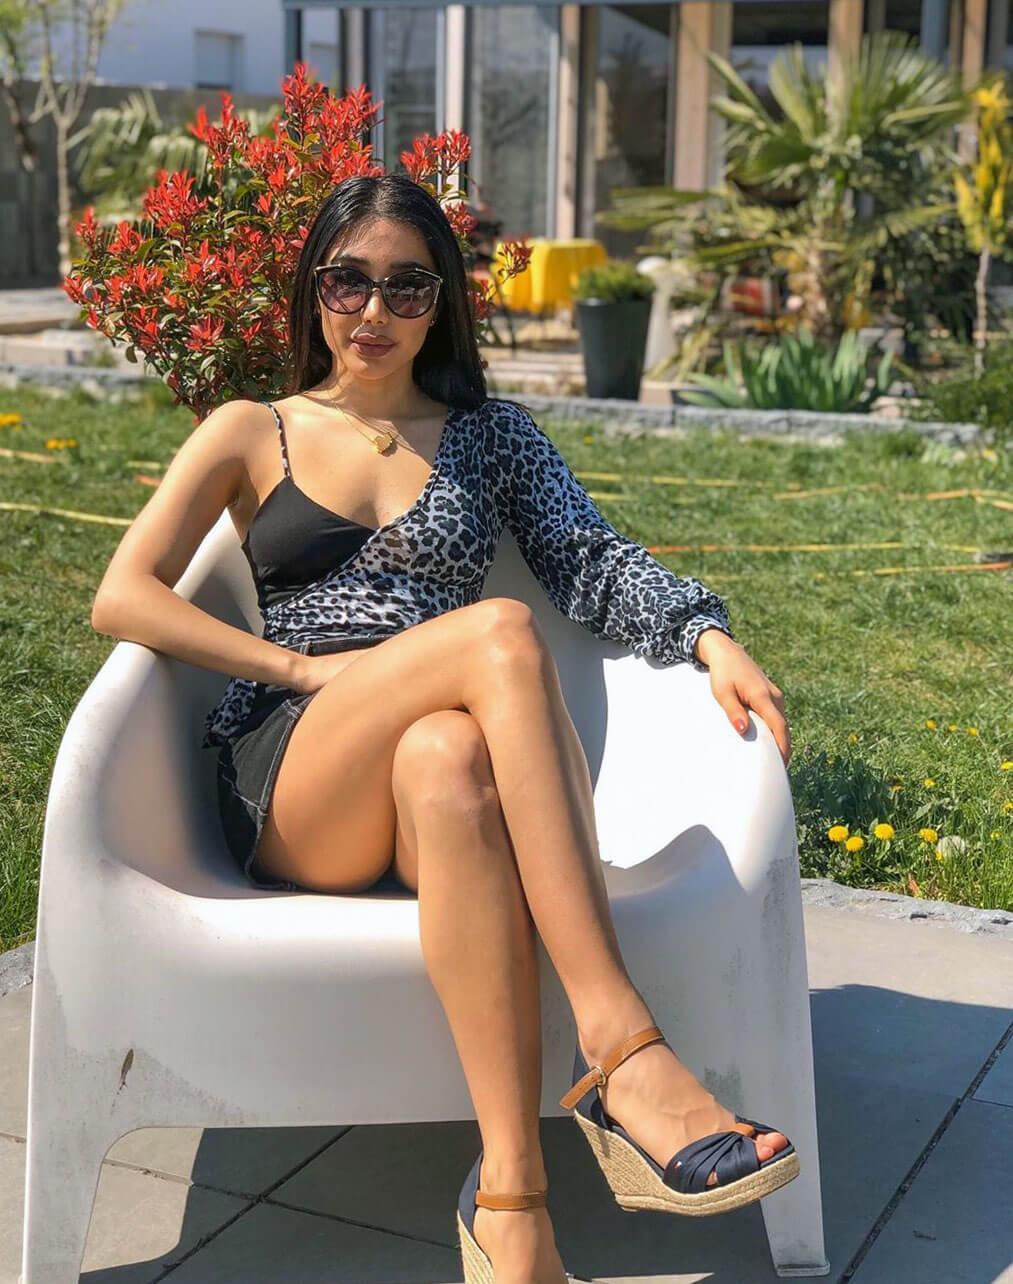 iranian hot girls